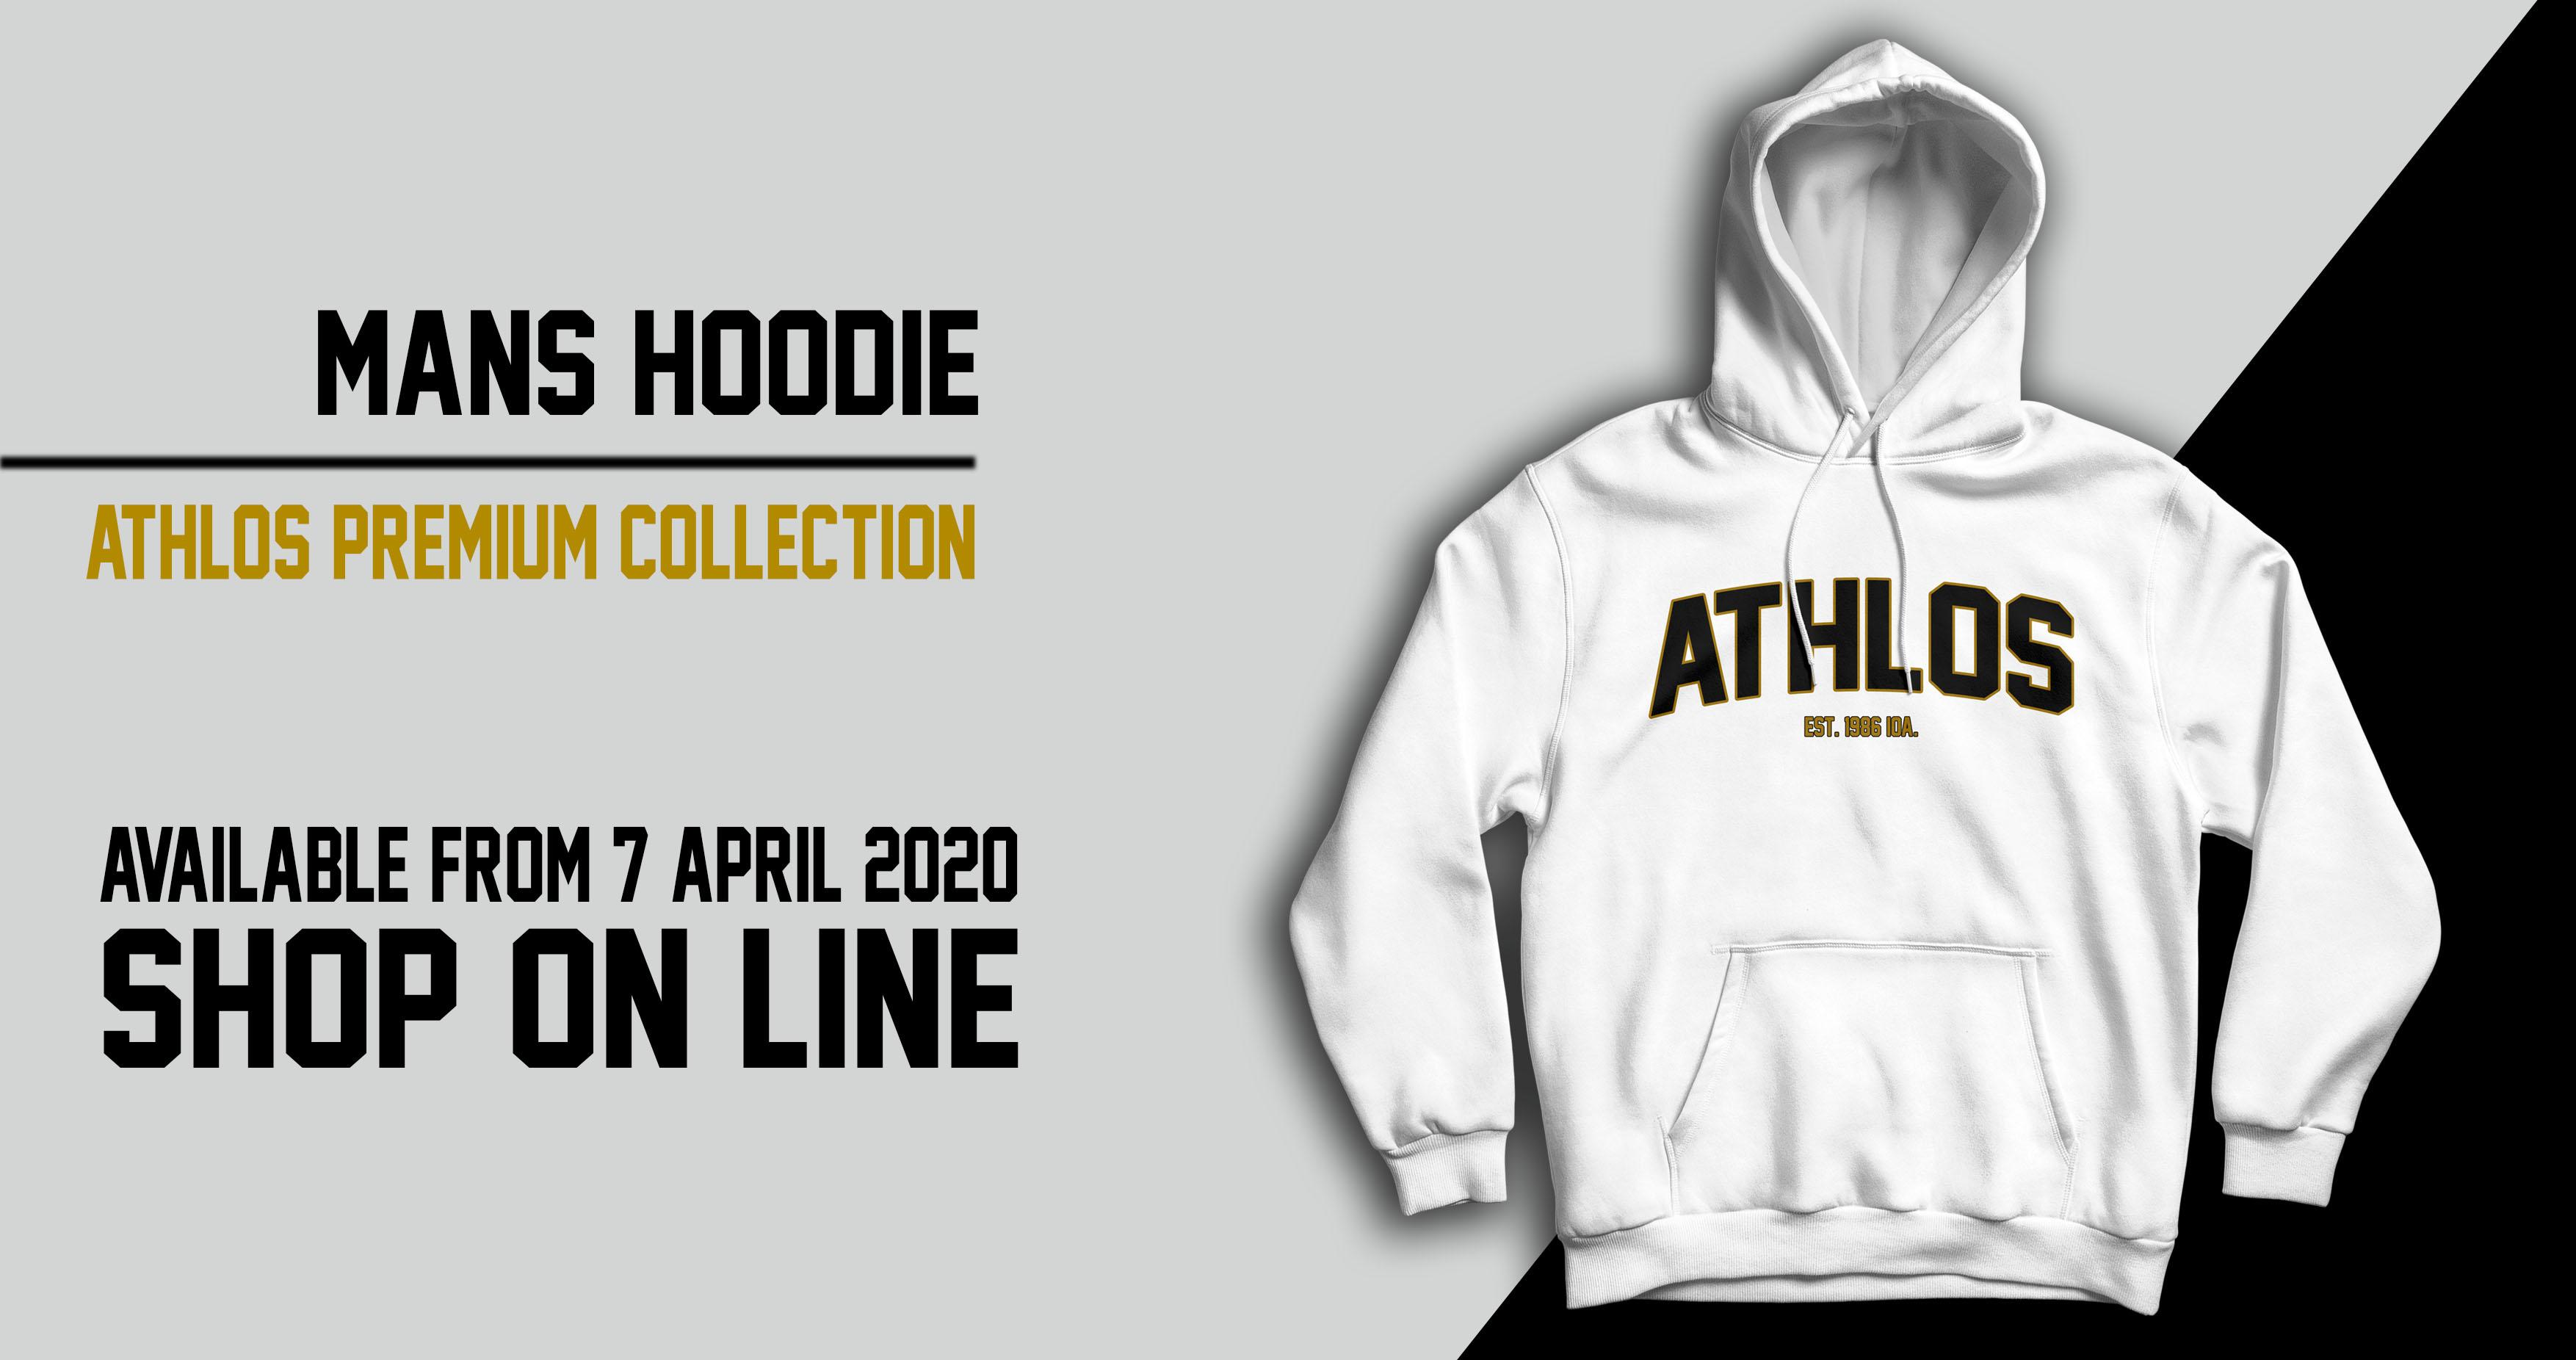 athlos hoodie man